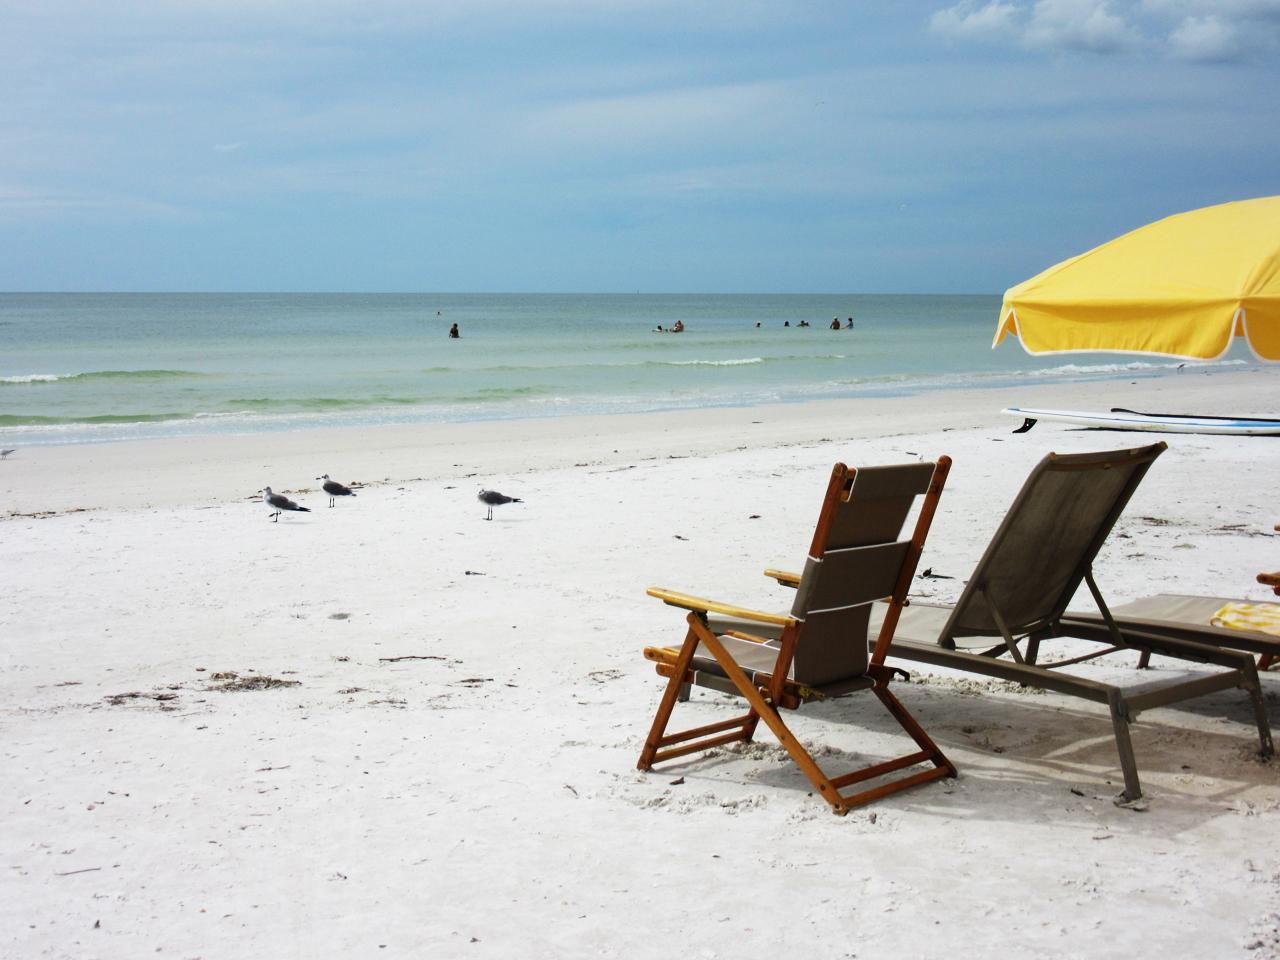 Stranden in Florida de ideale vakantiebestemming